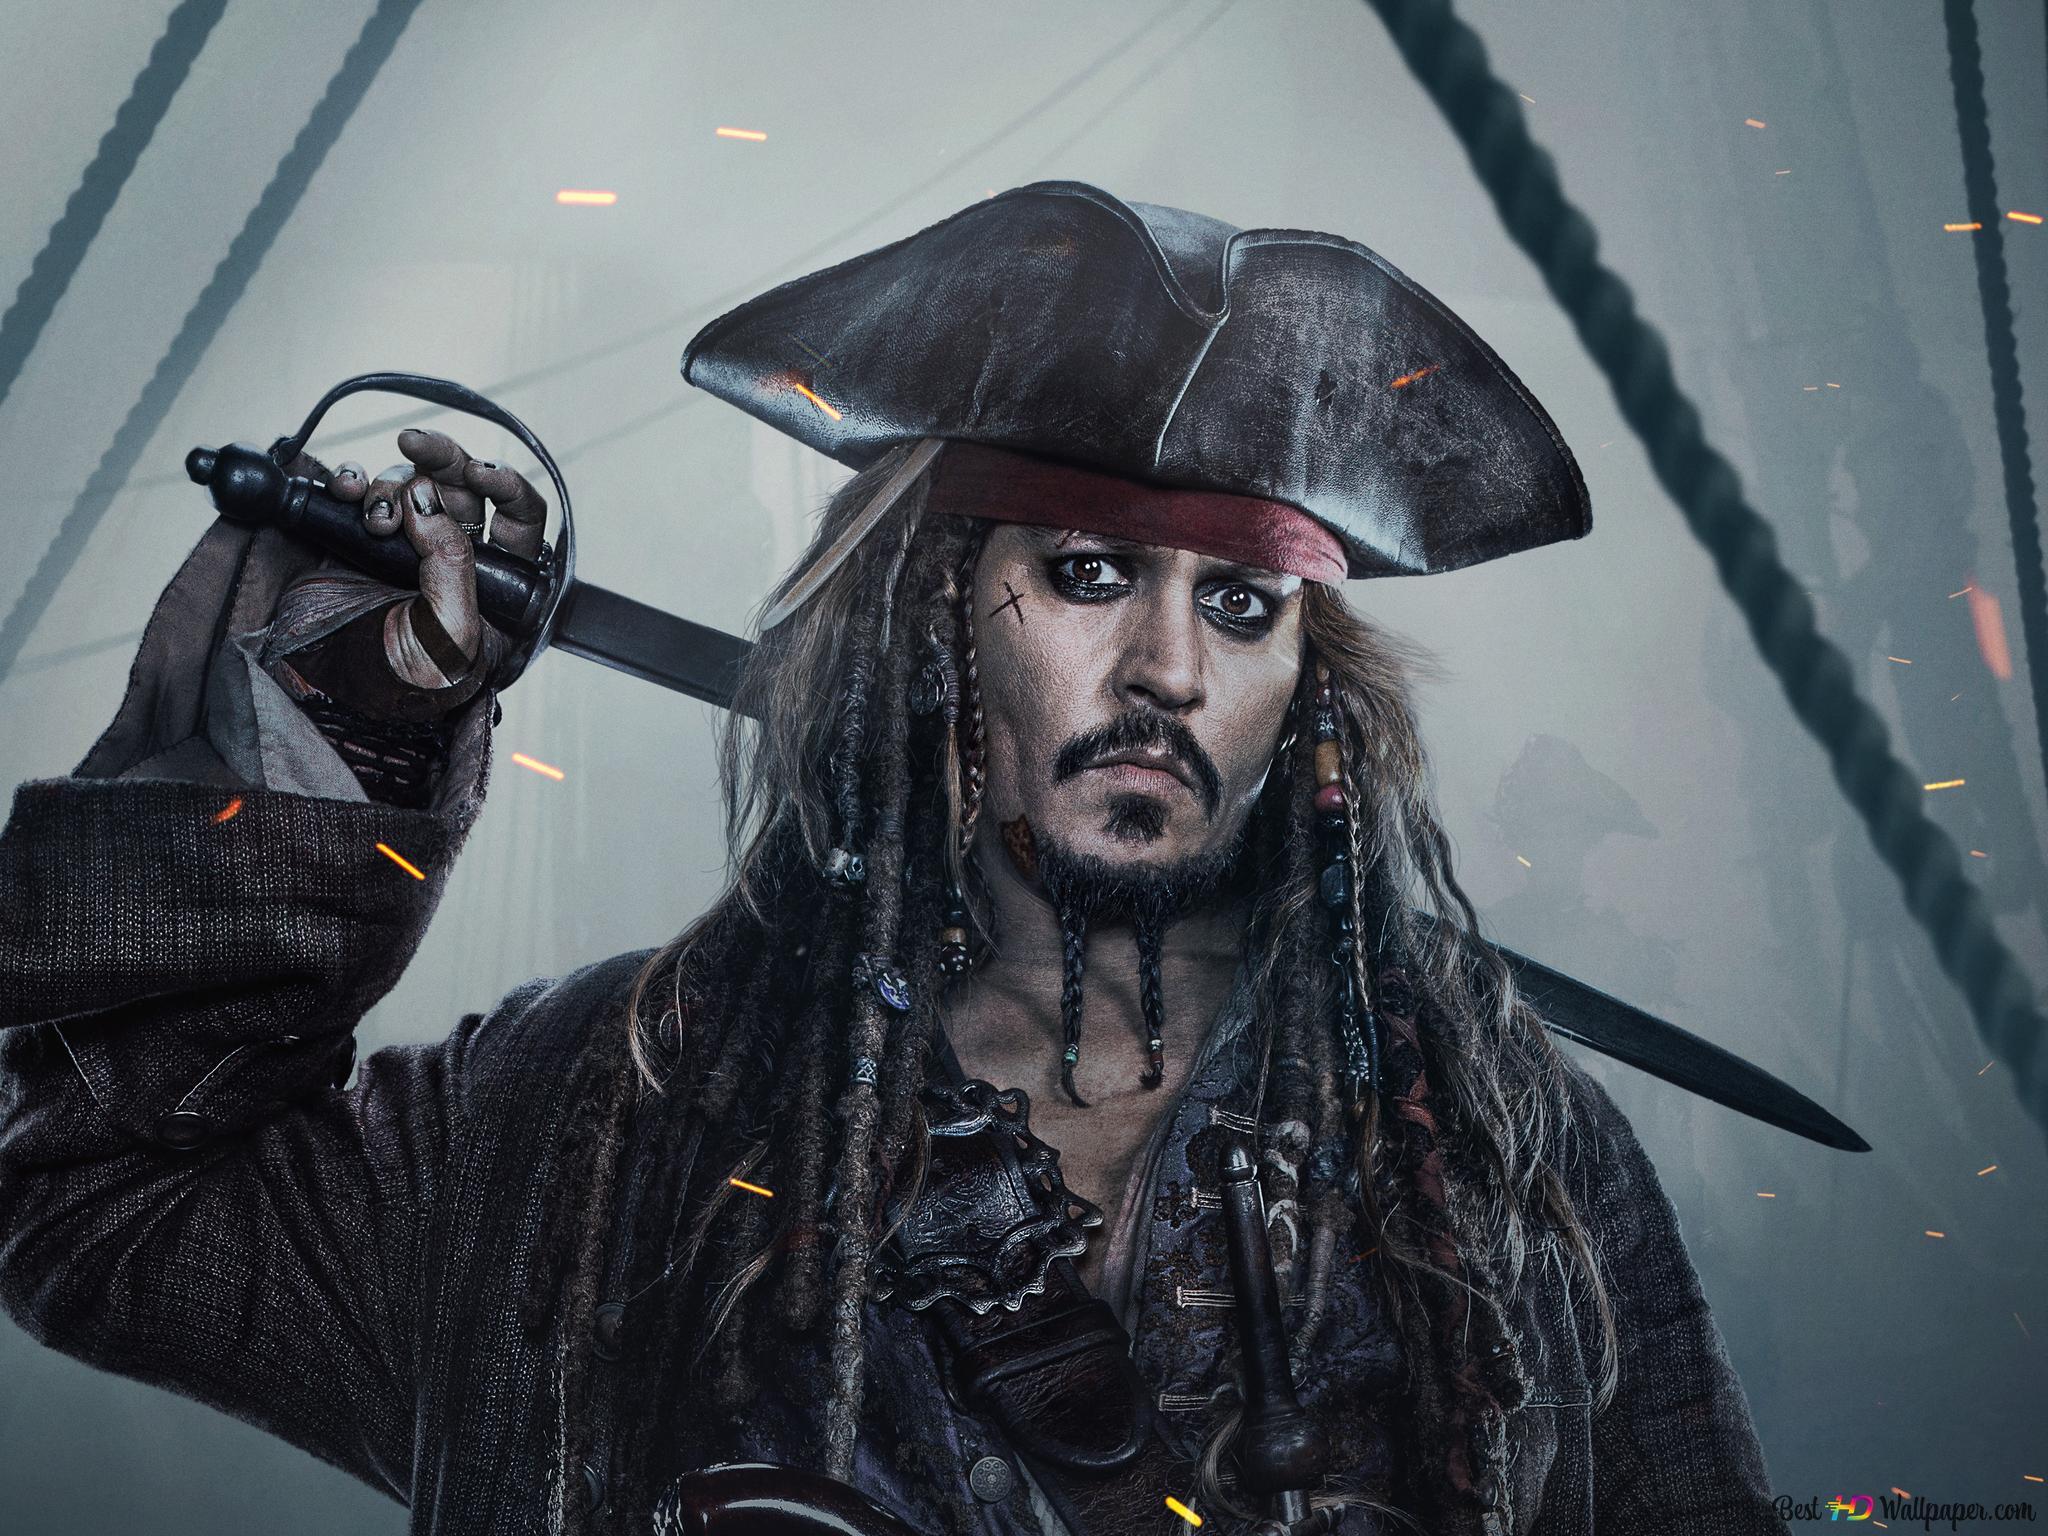 قراصنة الكاريبي V - الكابتن جاك سبارو تنزيل خلفية HD